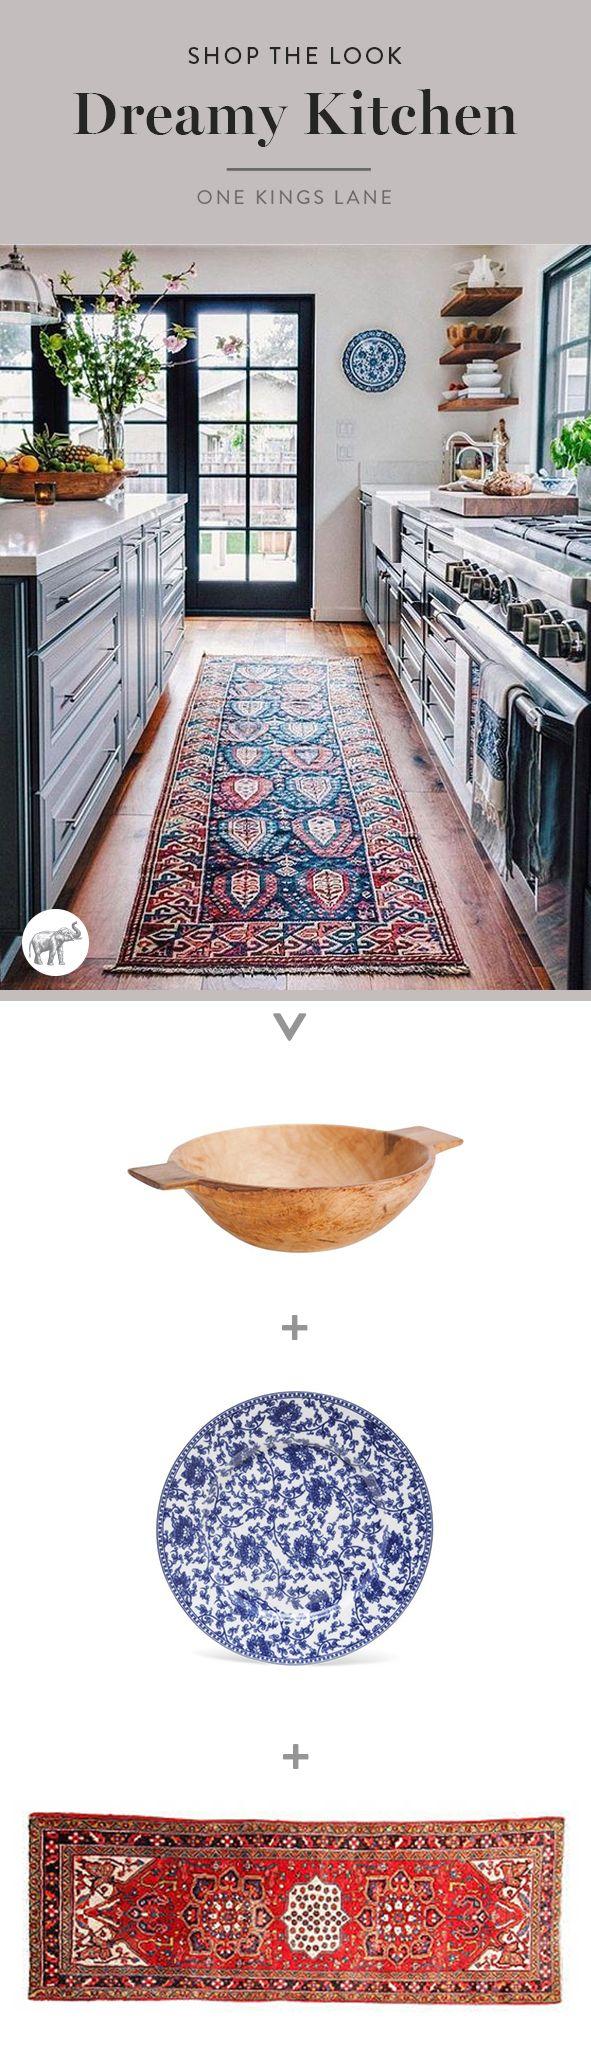 Küchenideen fliesenboden persian rugs eine sammlung von ideen zum ausprobieren zu sonstiges